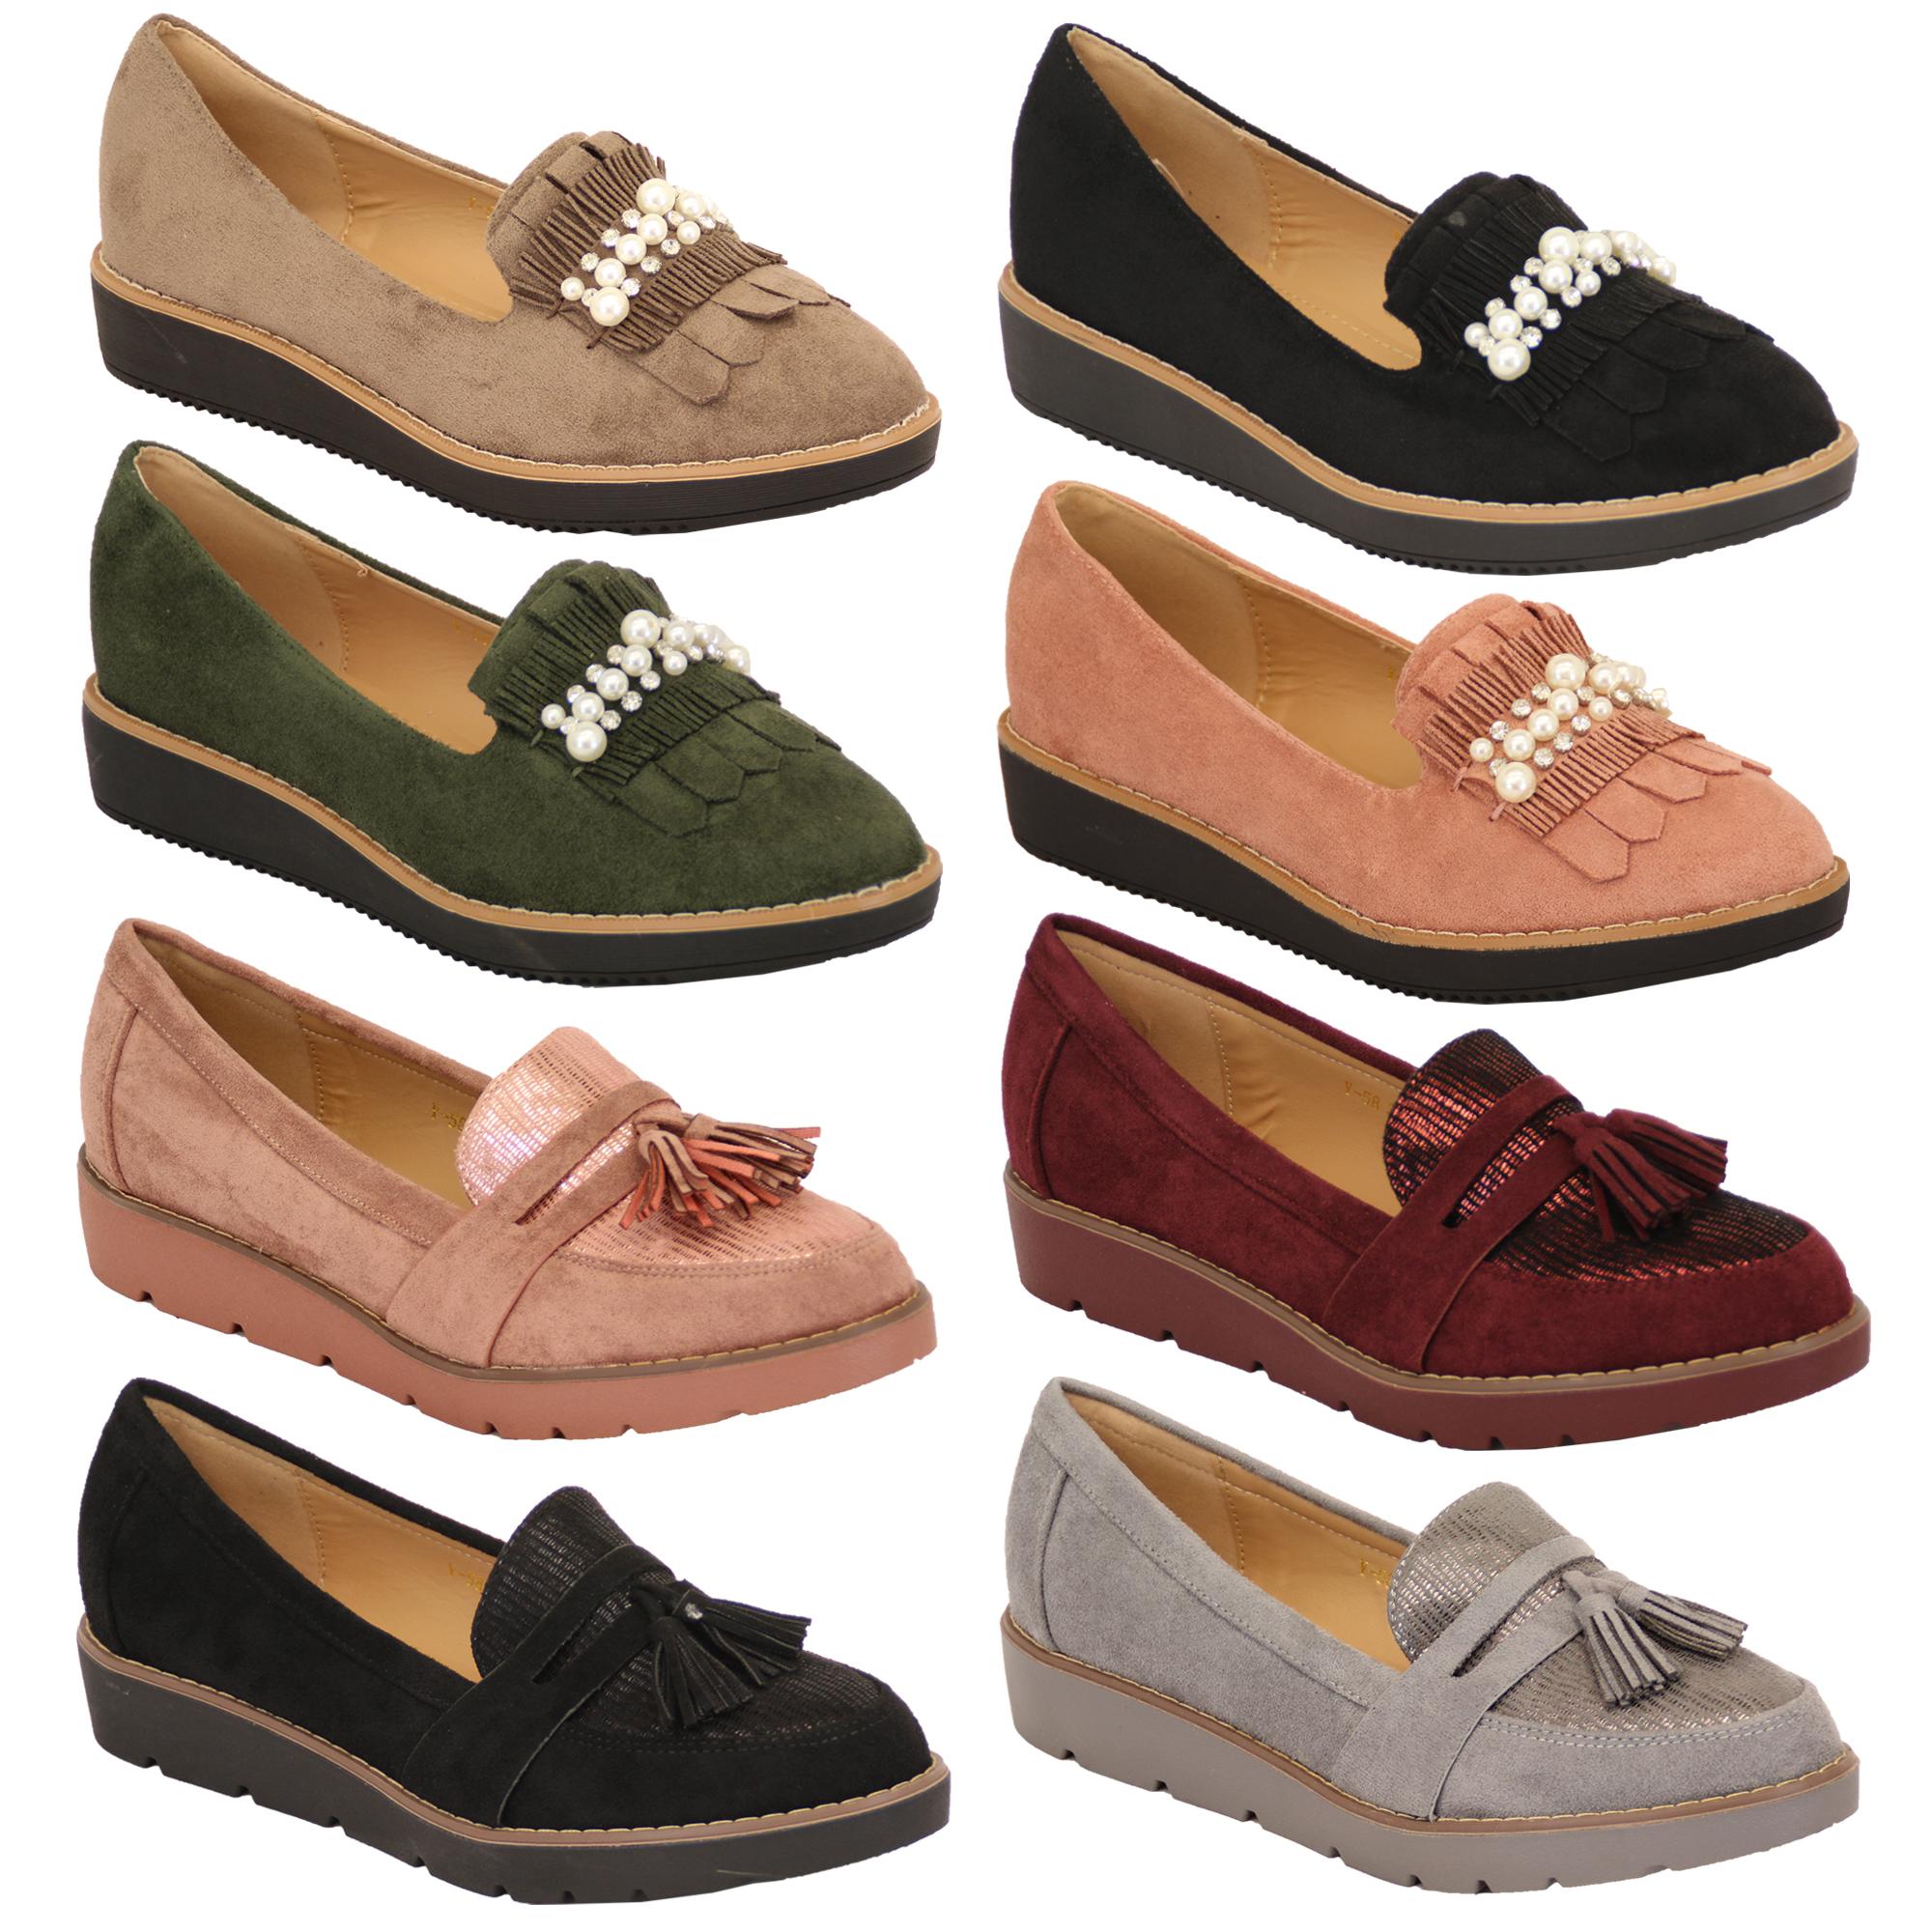 Ladies Suede Look Loafers Vintage Shoes